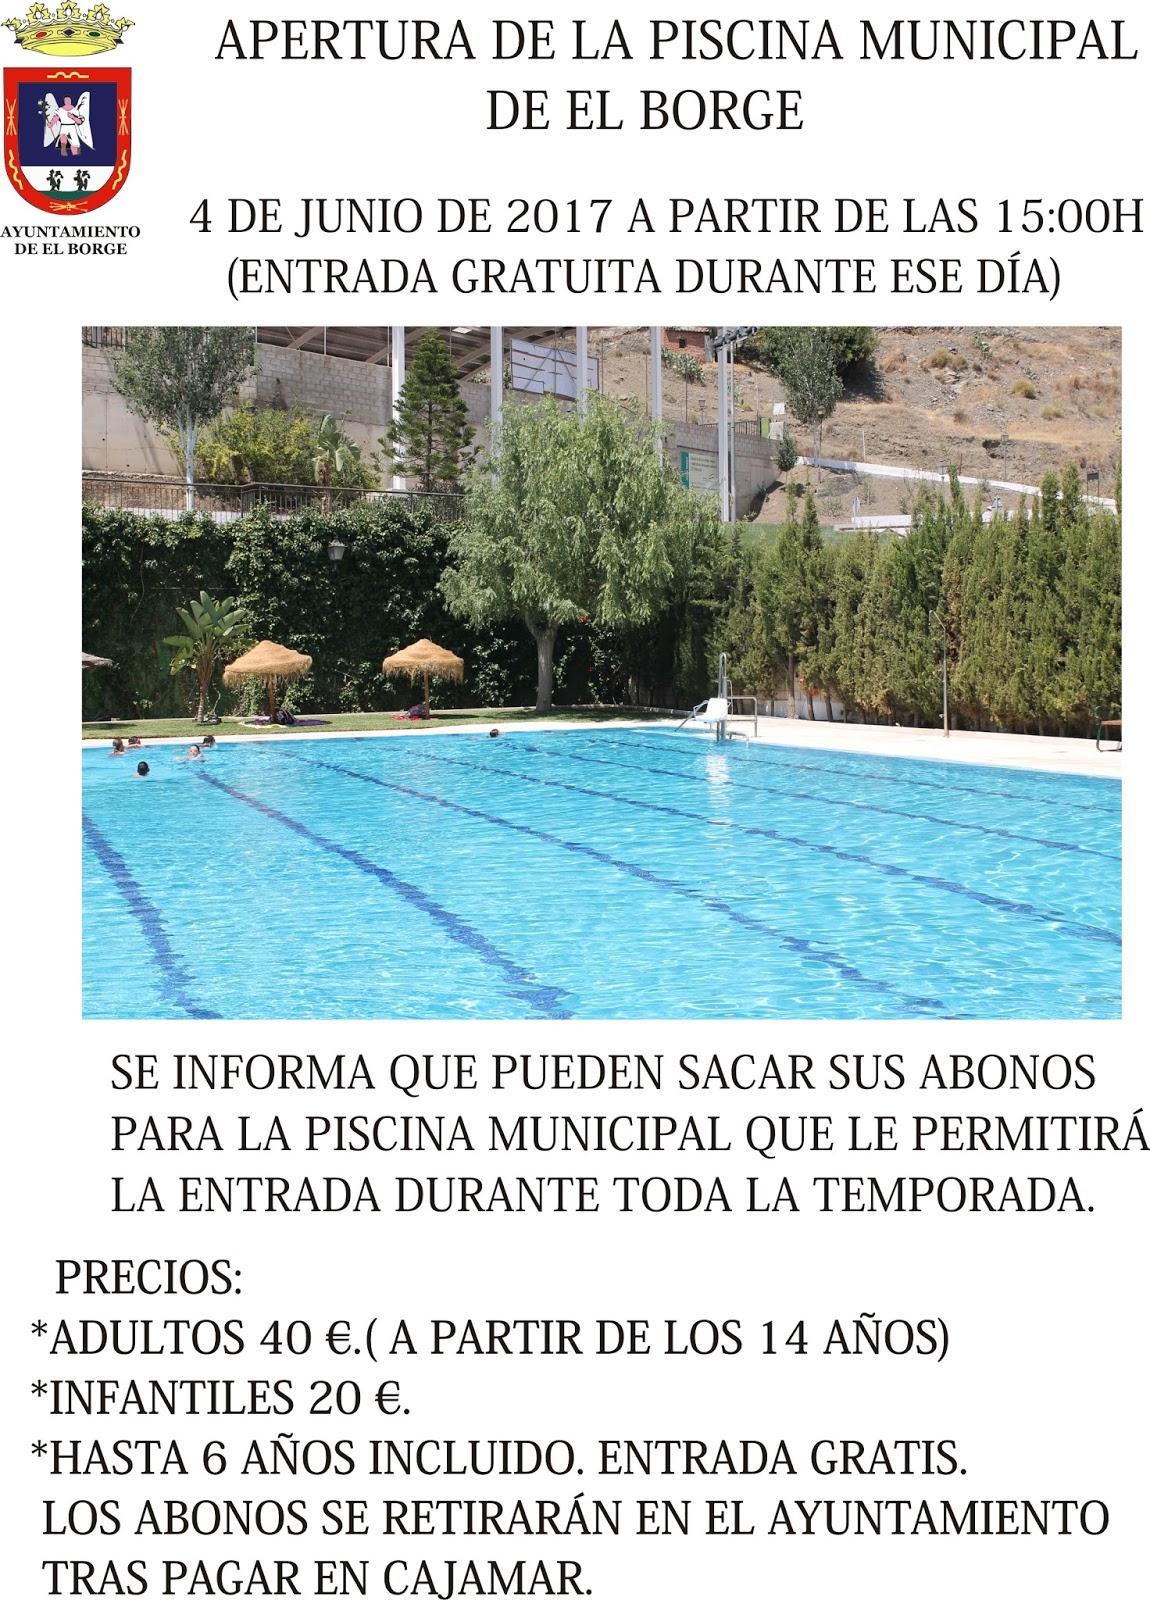 blog ayuntamiento de el borge apertura de la piscina